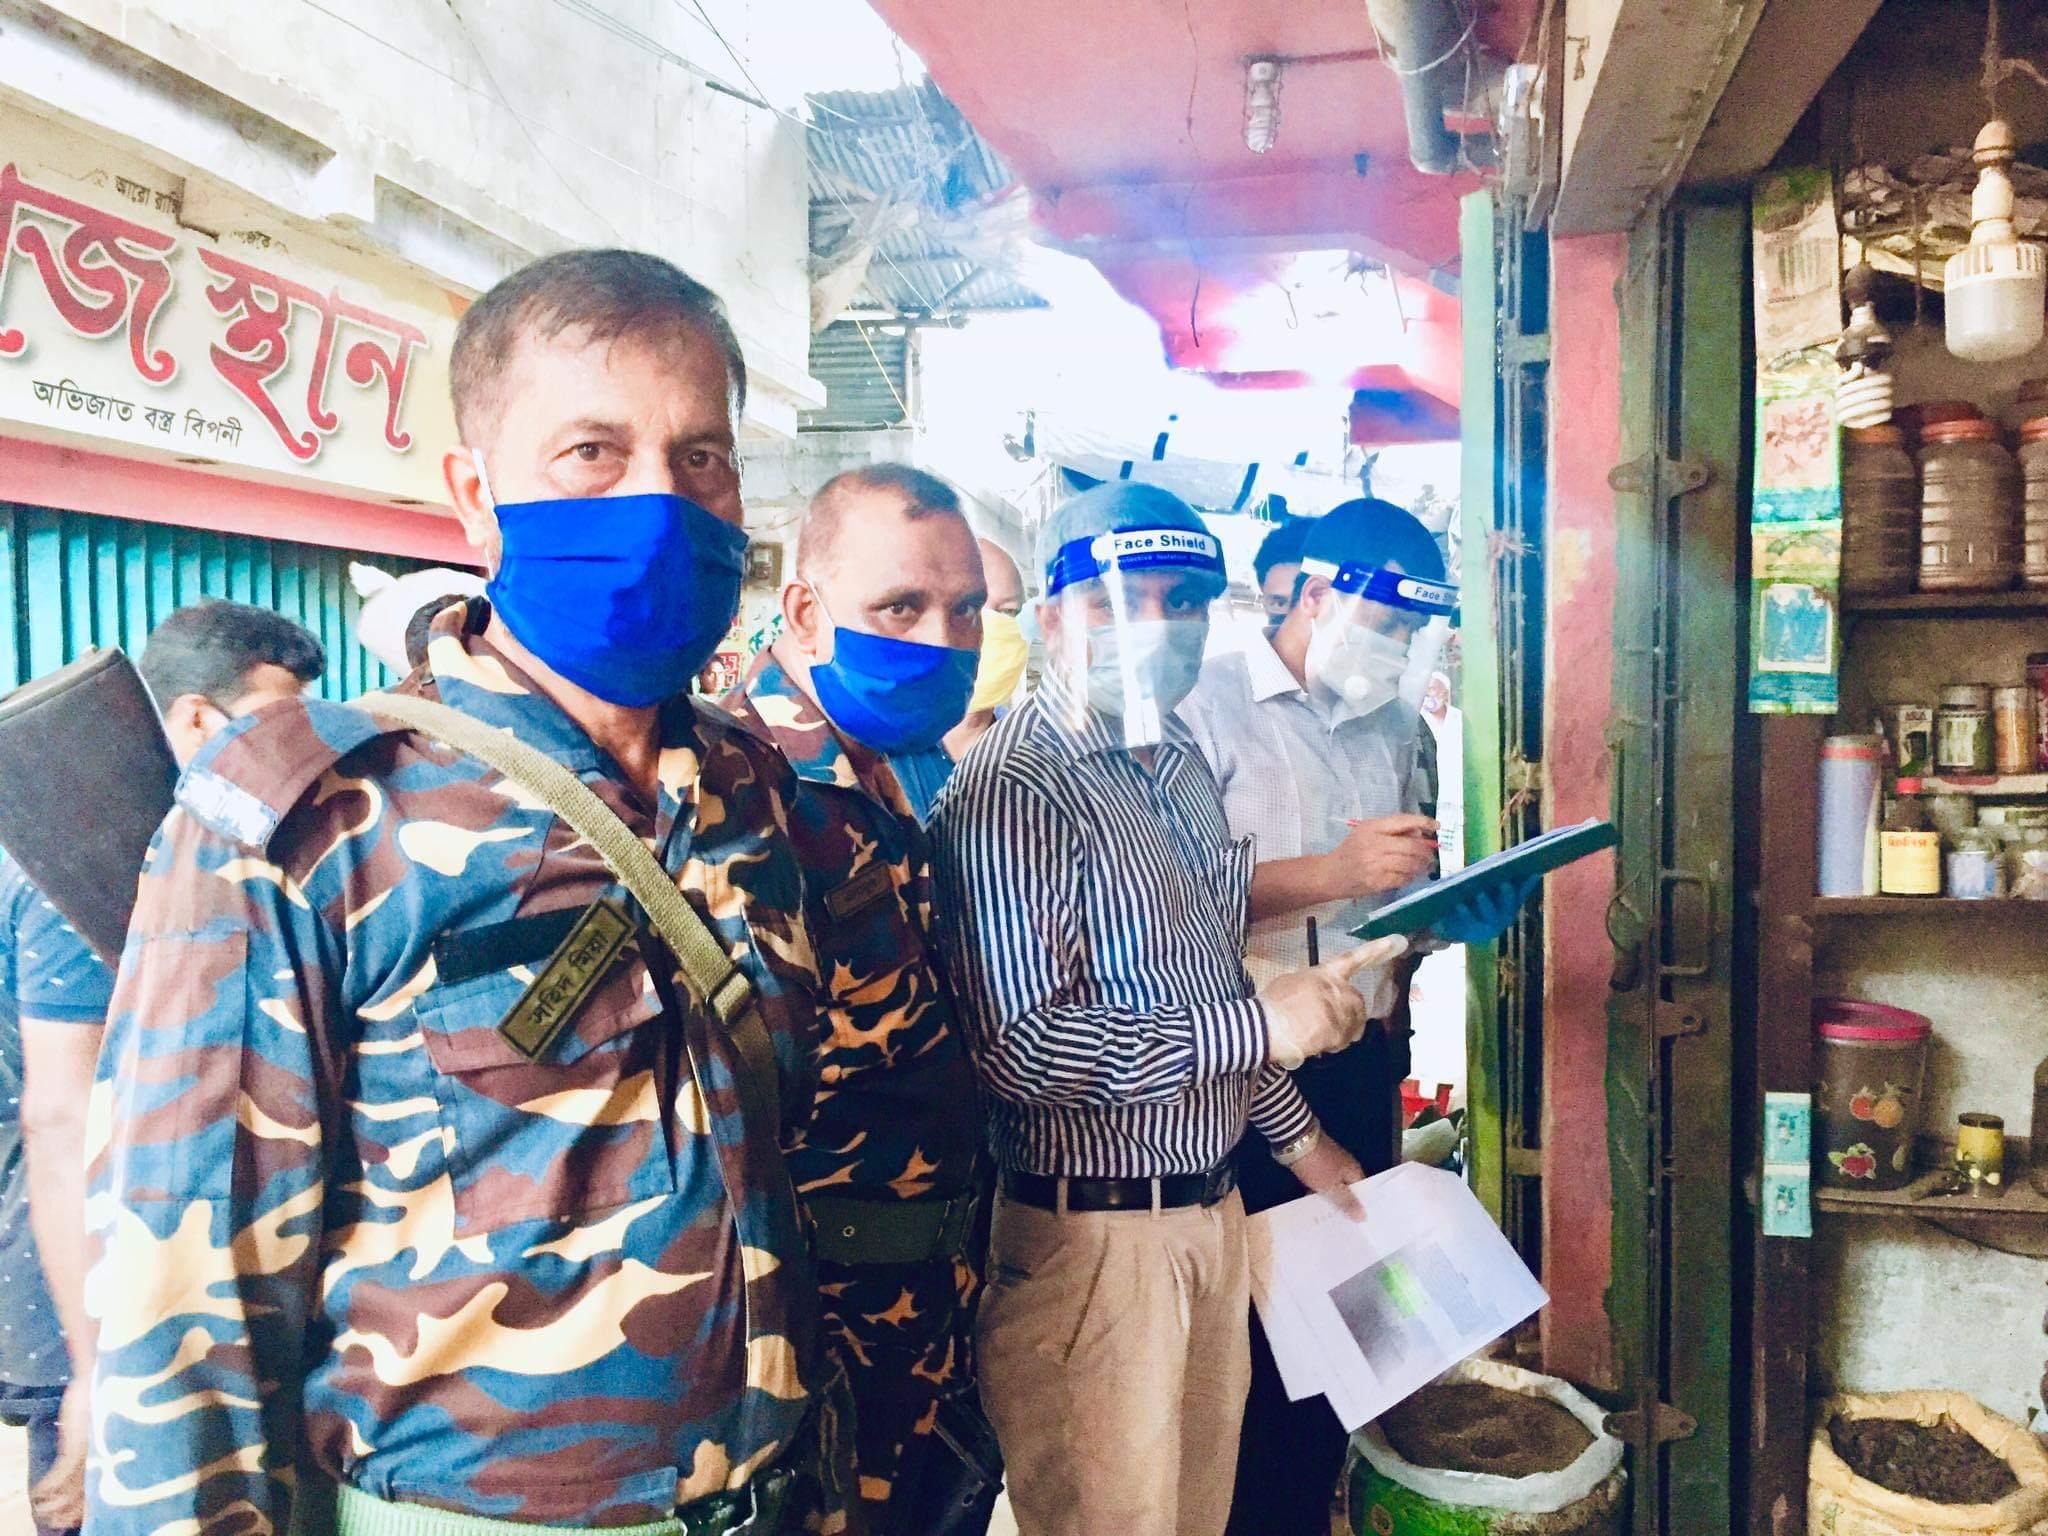 ঈদগাঁওতে ৬ দোকানদারকে জরিমানা l Channel Cox News